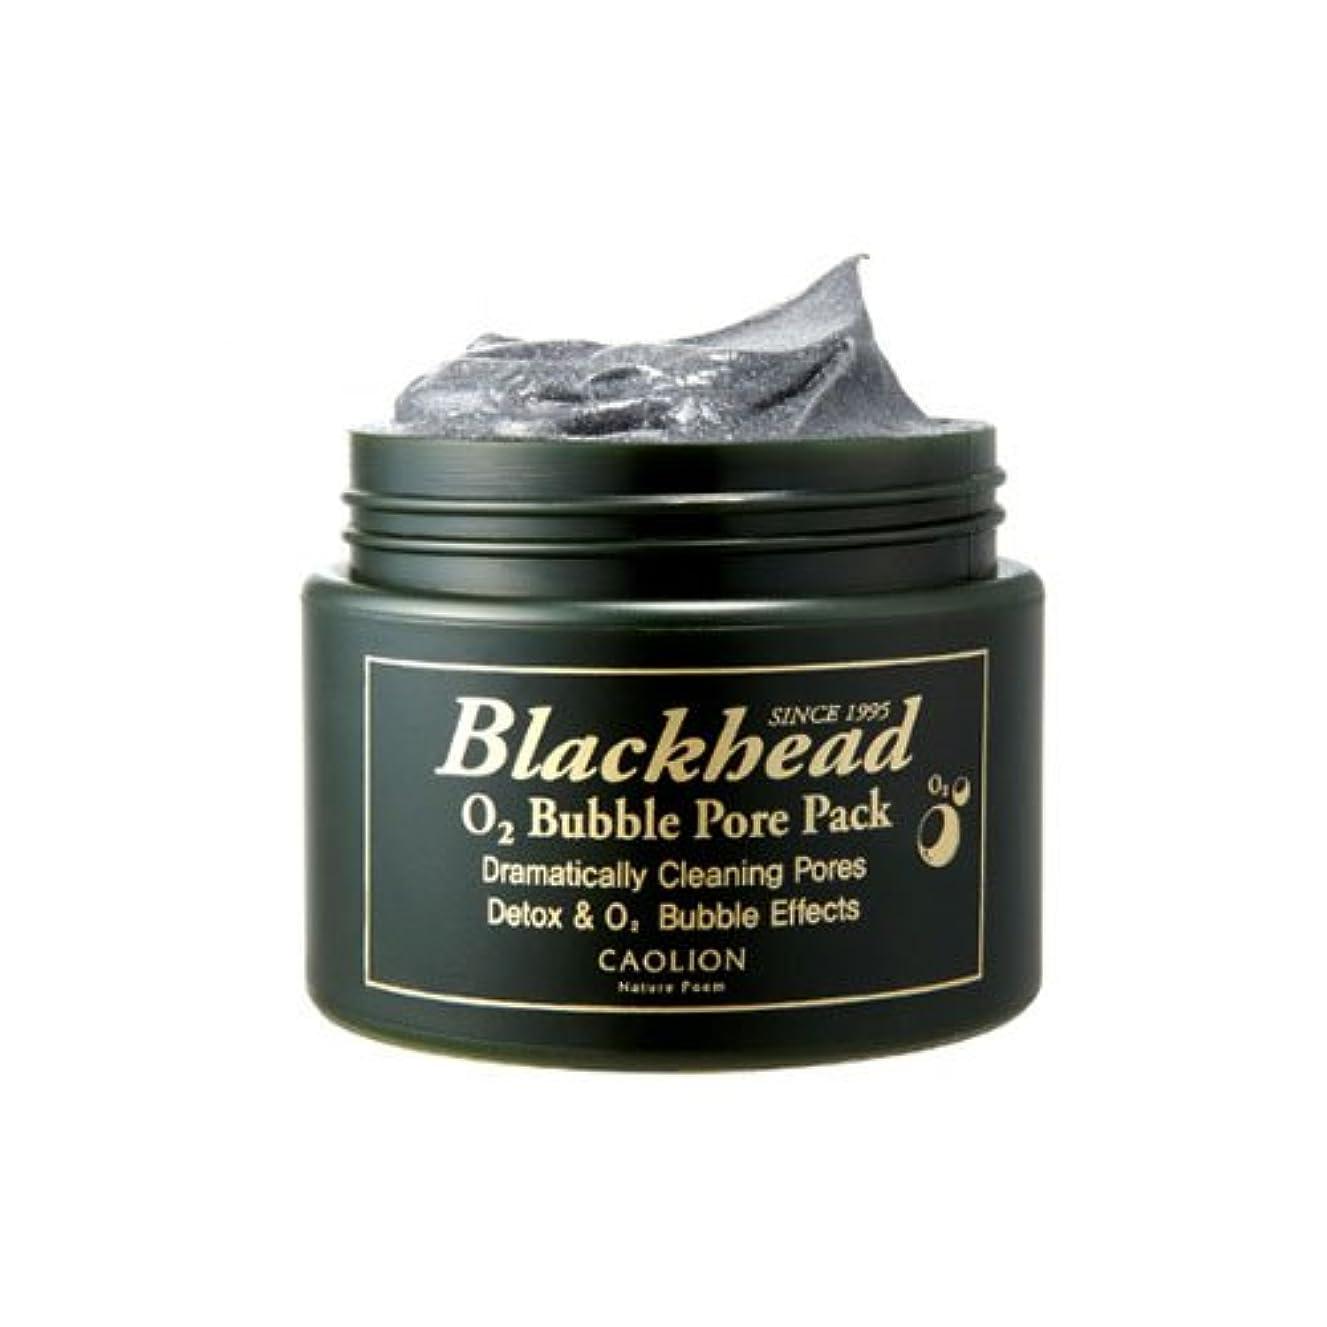 失われたラインナップ手段カオリオン ブラックヘッド O2 バブル ポア パック (50g) [海外直送品][並行輸入品]